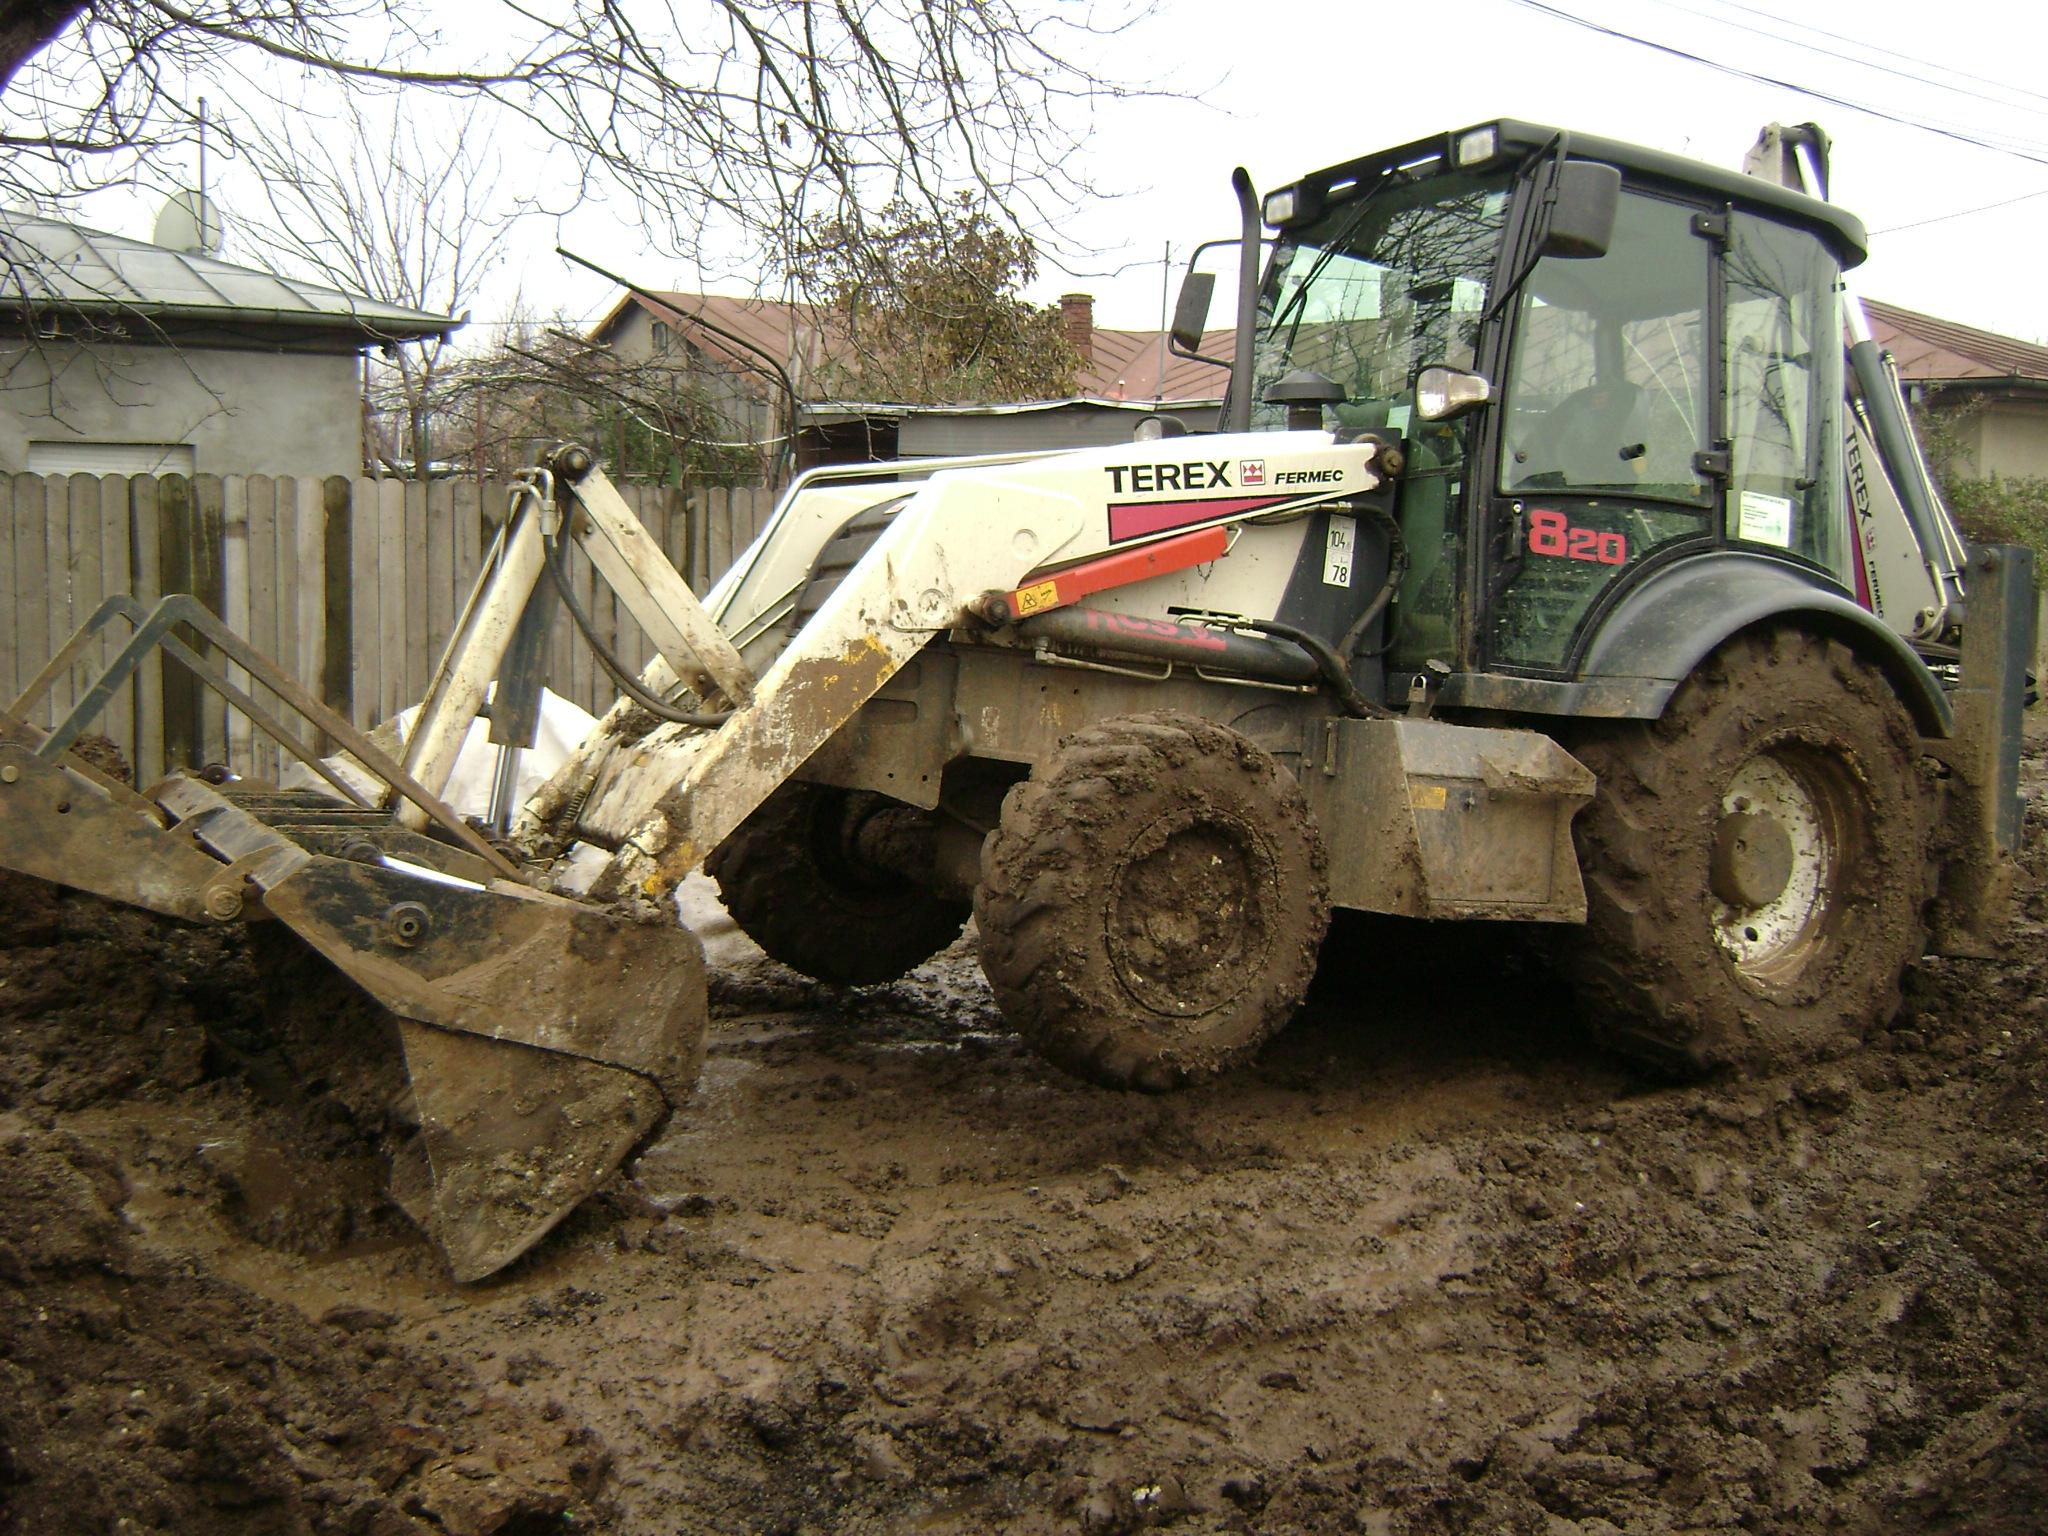 File:TEREX FERMEC 820 Backhoe Loader during sewerage work in